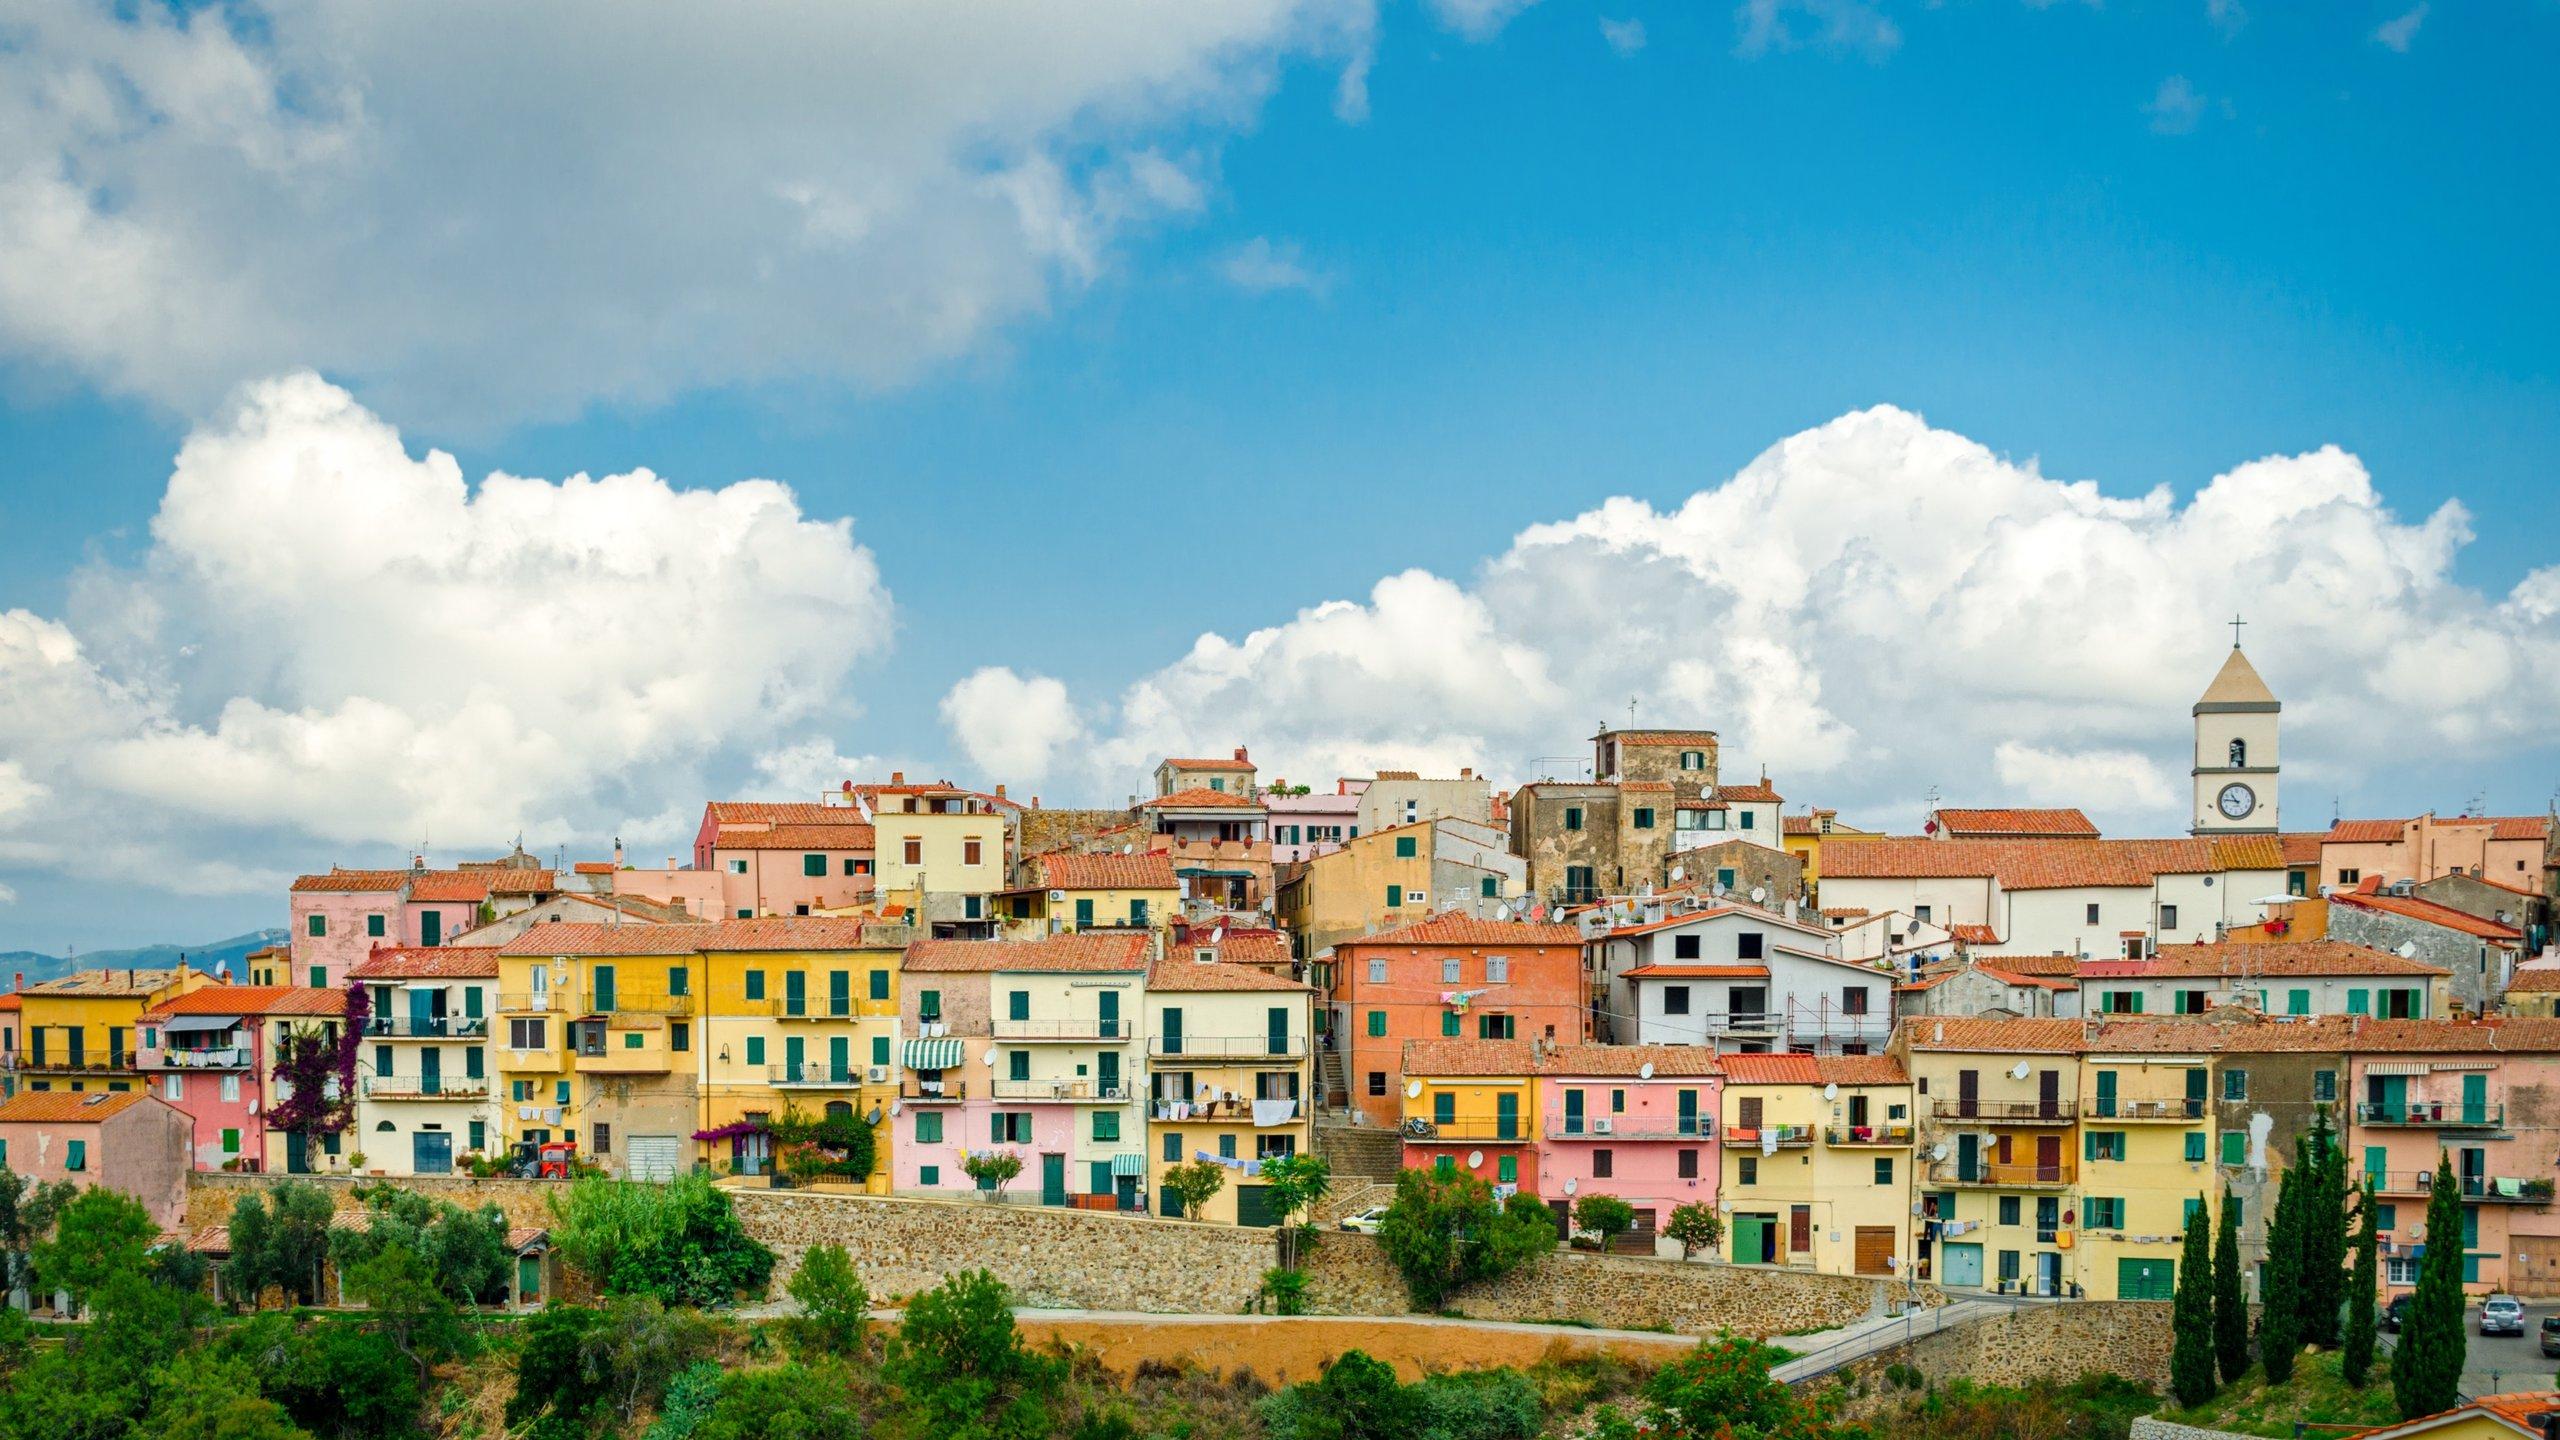 Capoliveri, Tuscany, Italy